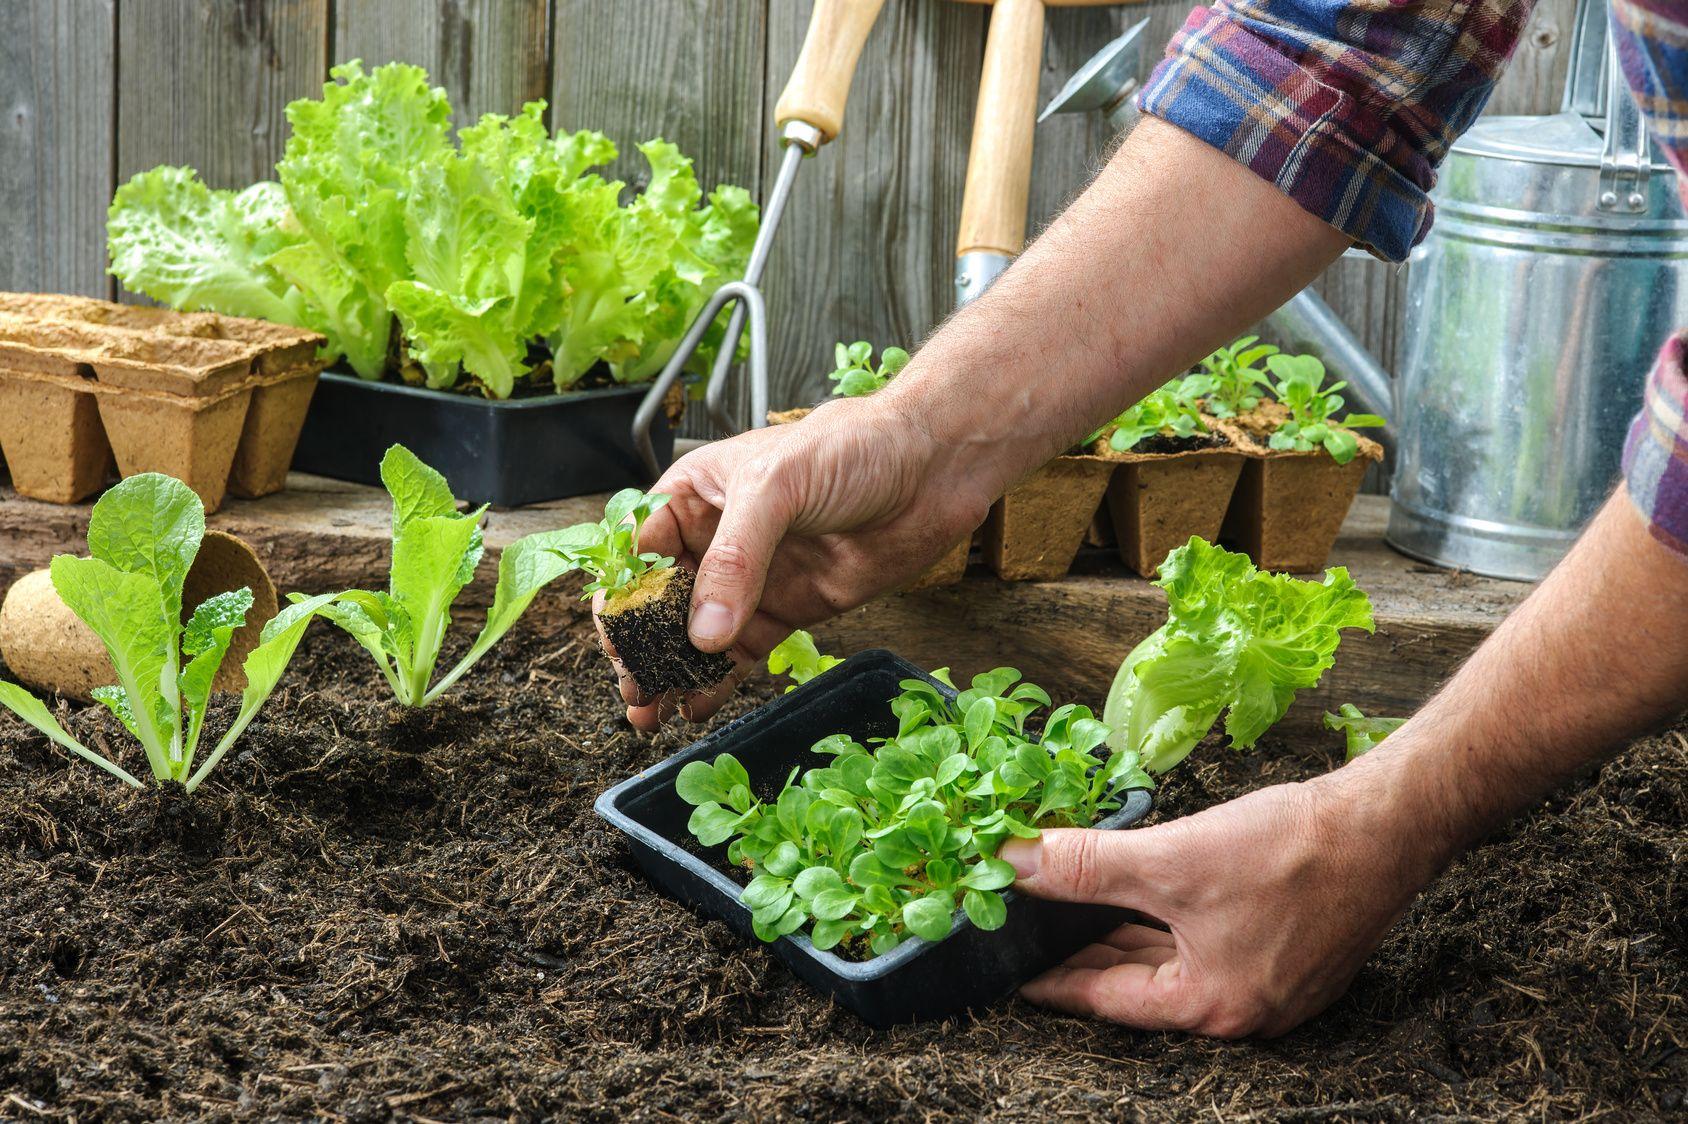 Quelle Salade Planter Maintenant salade, épinard, navet: les plantations, c'est maintenant!